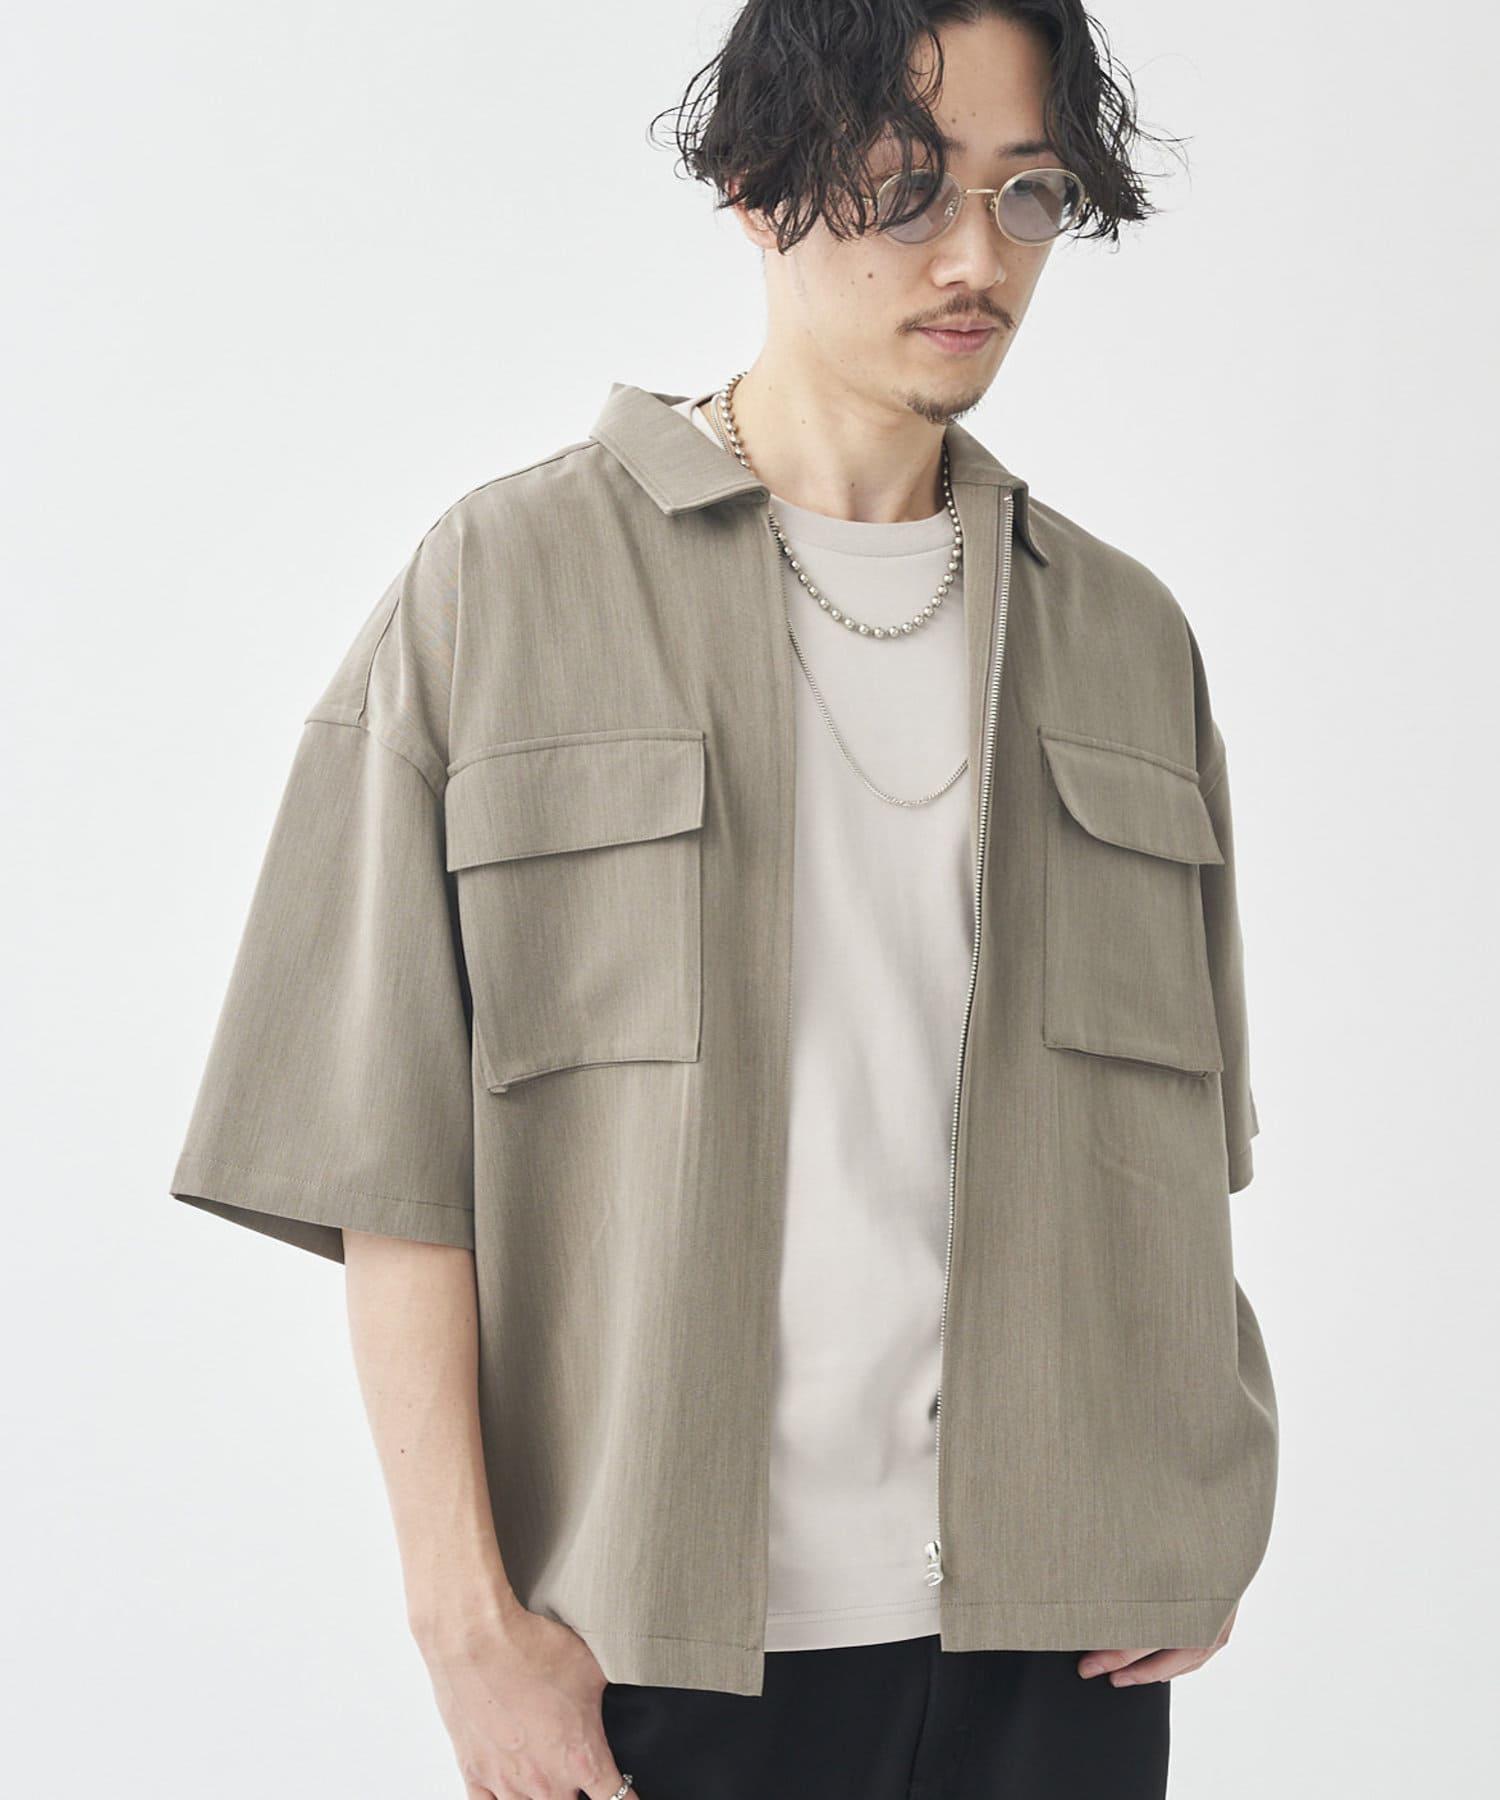 CPCM(シーピーシーエム) TR半袖ジップシャツ